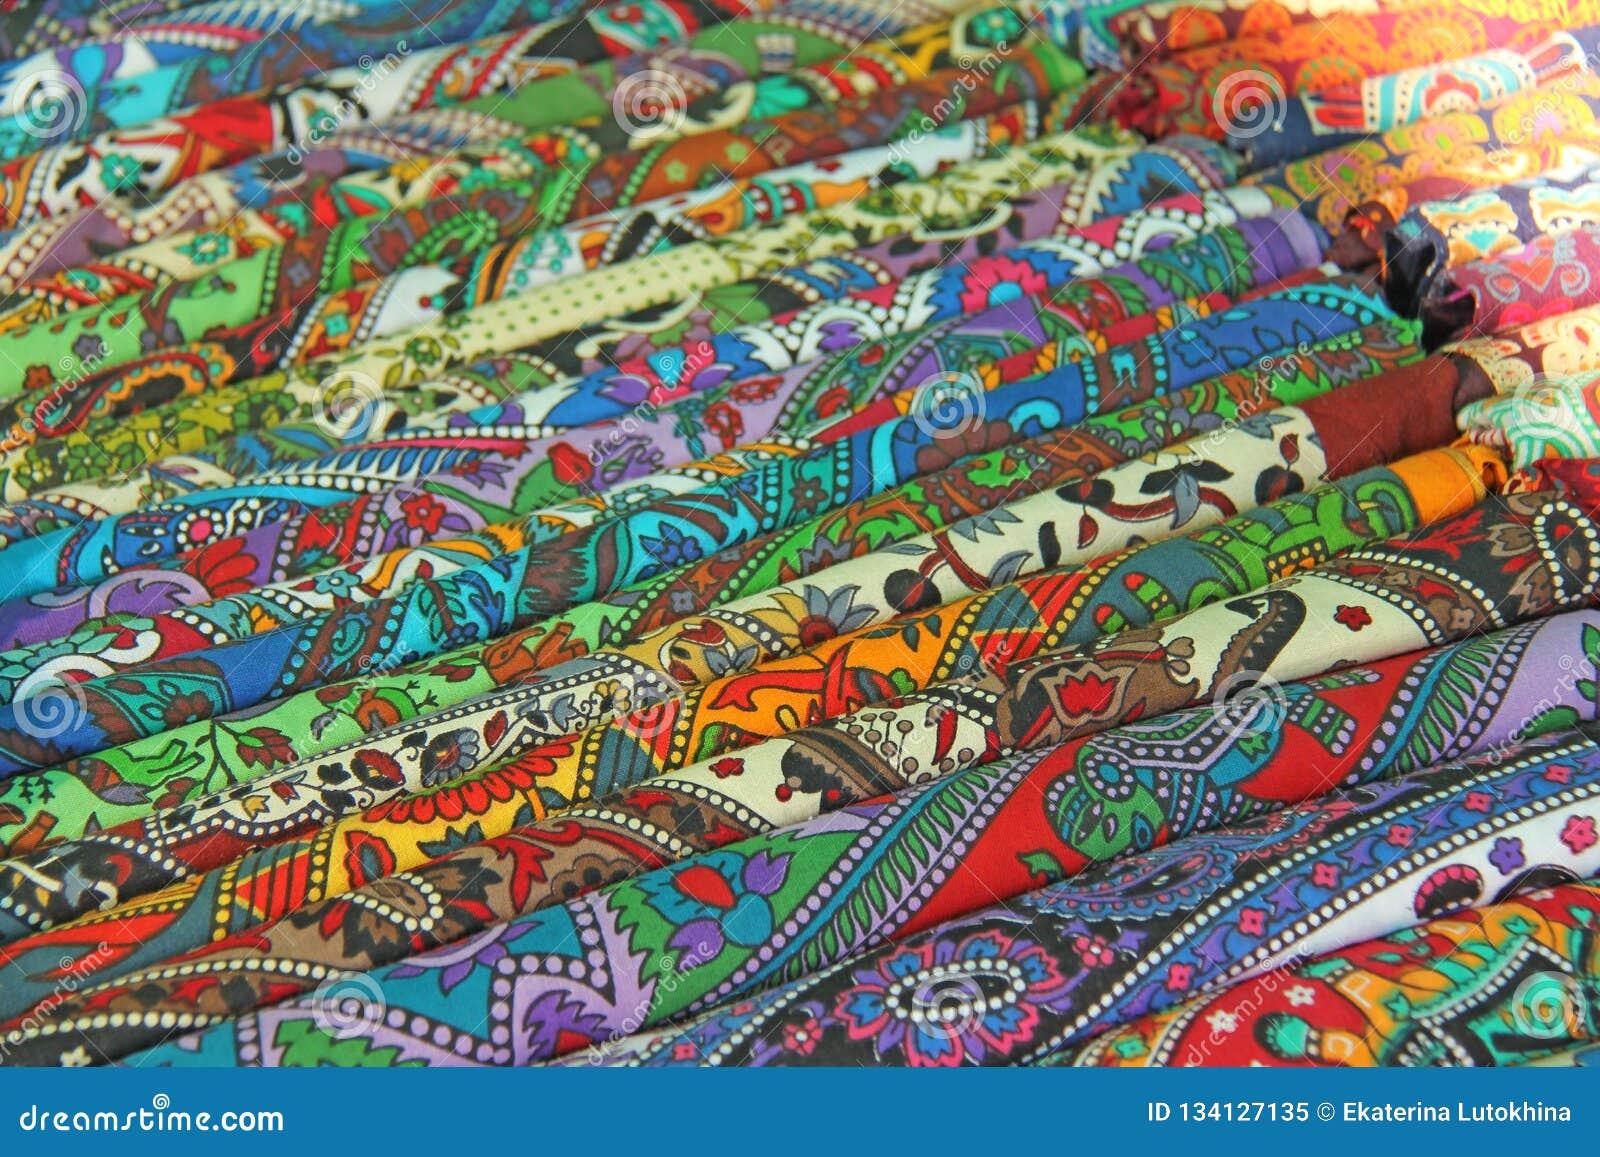 Ornamento Coloridos Brilhantes Da India Das Telas E Desenhos